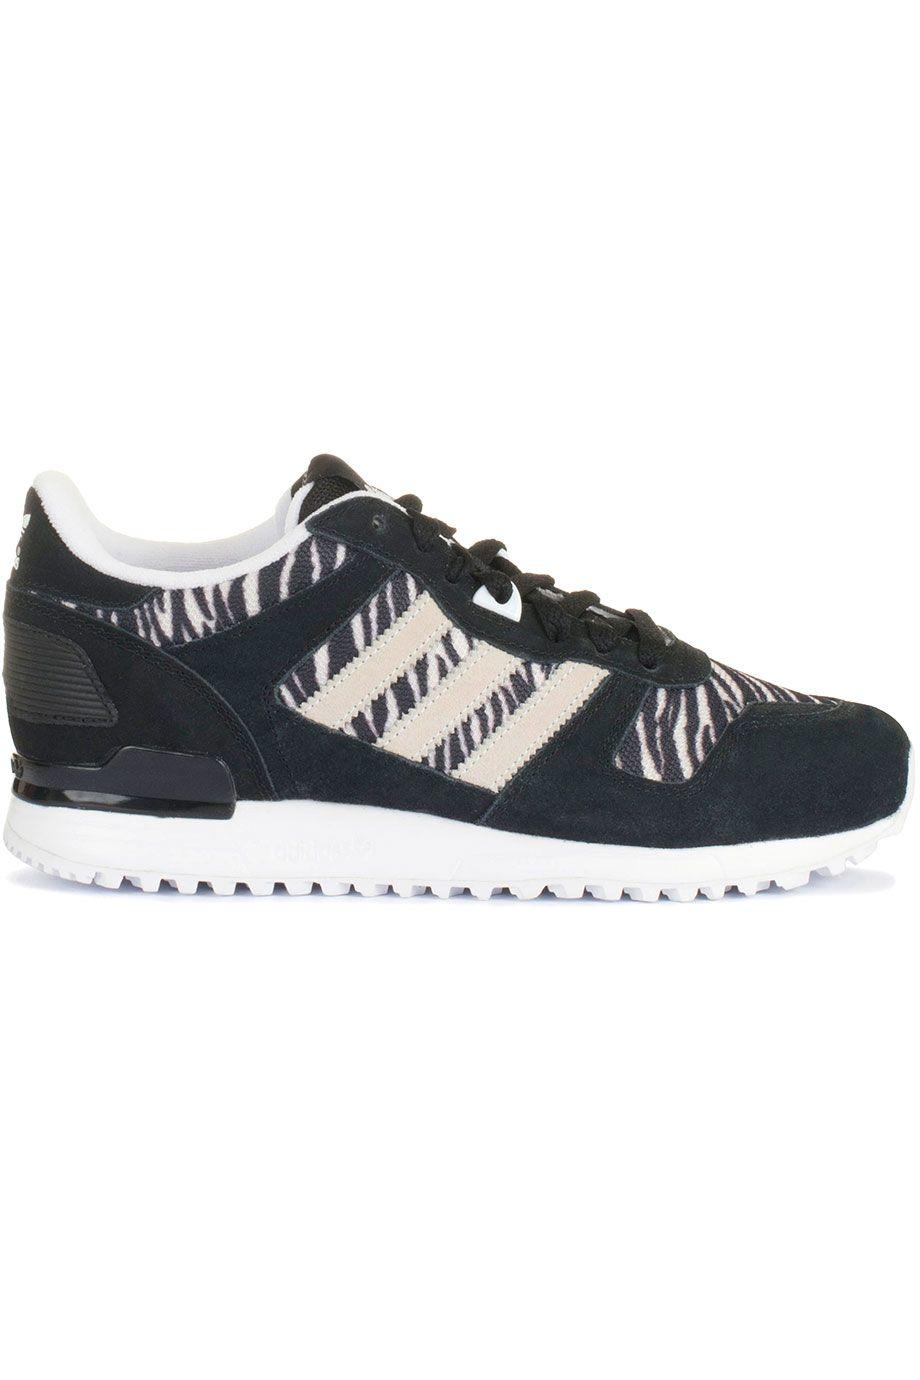 Adidas ZX 700 (zwart) | Nike air max 2011, Sneakers, Nike wedges